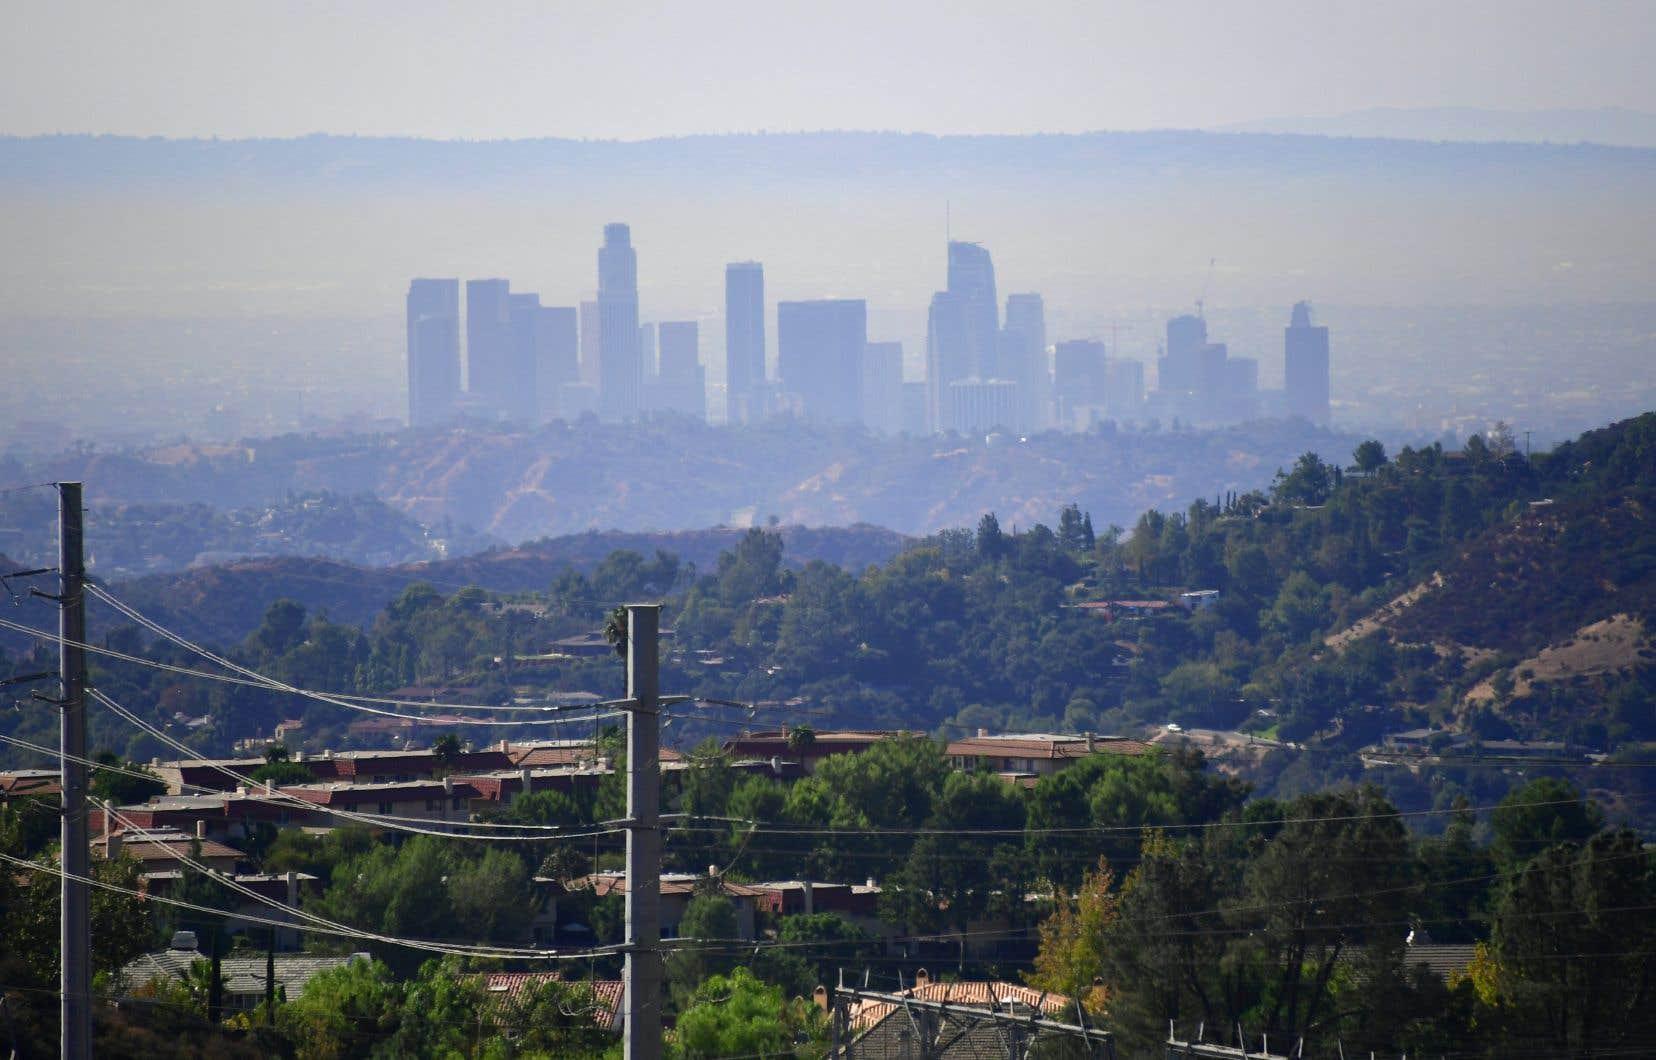 la californie championne de la pollution de l air aux tats unis le devoir. Black Bedroom Furniture Sets. Home Design Ideas